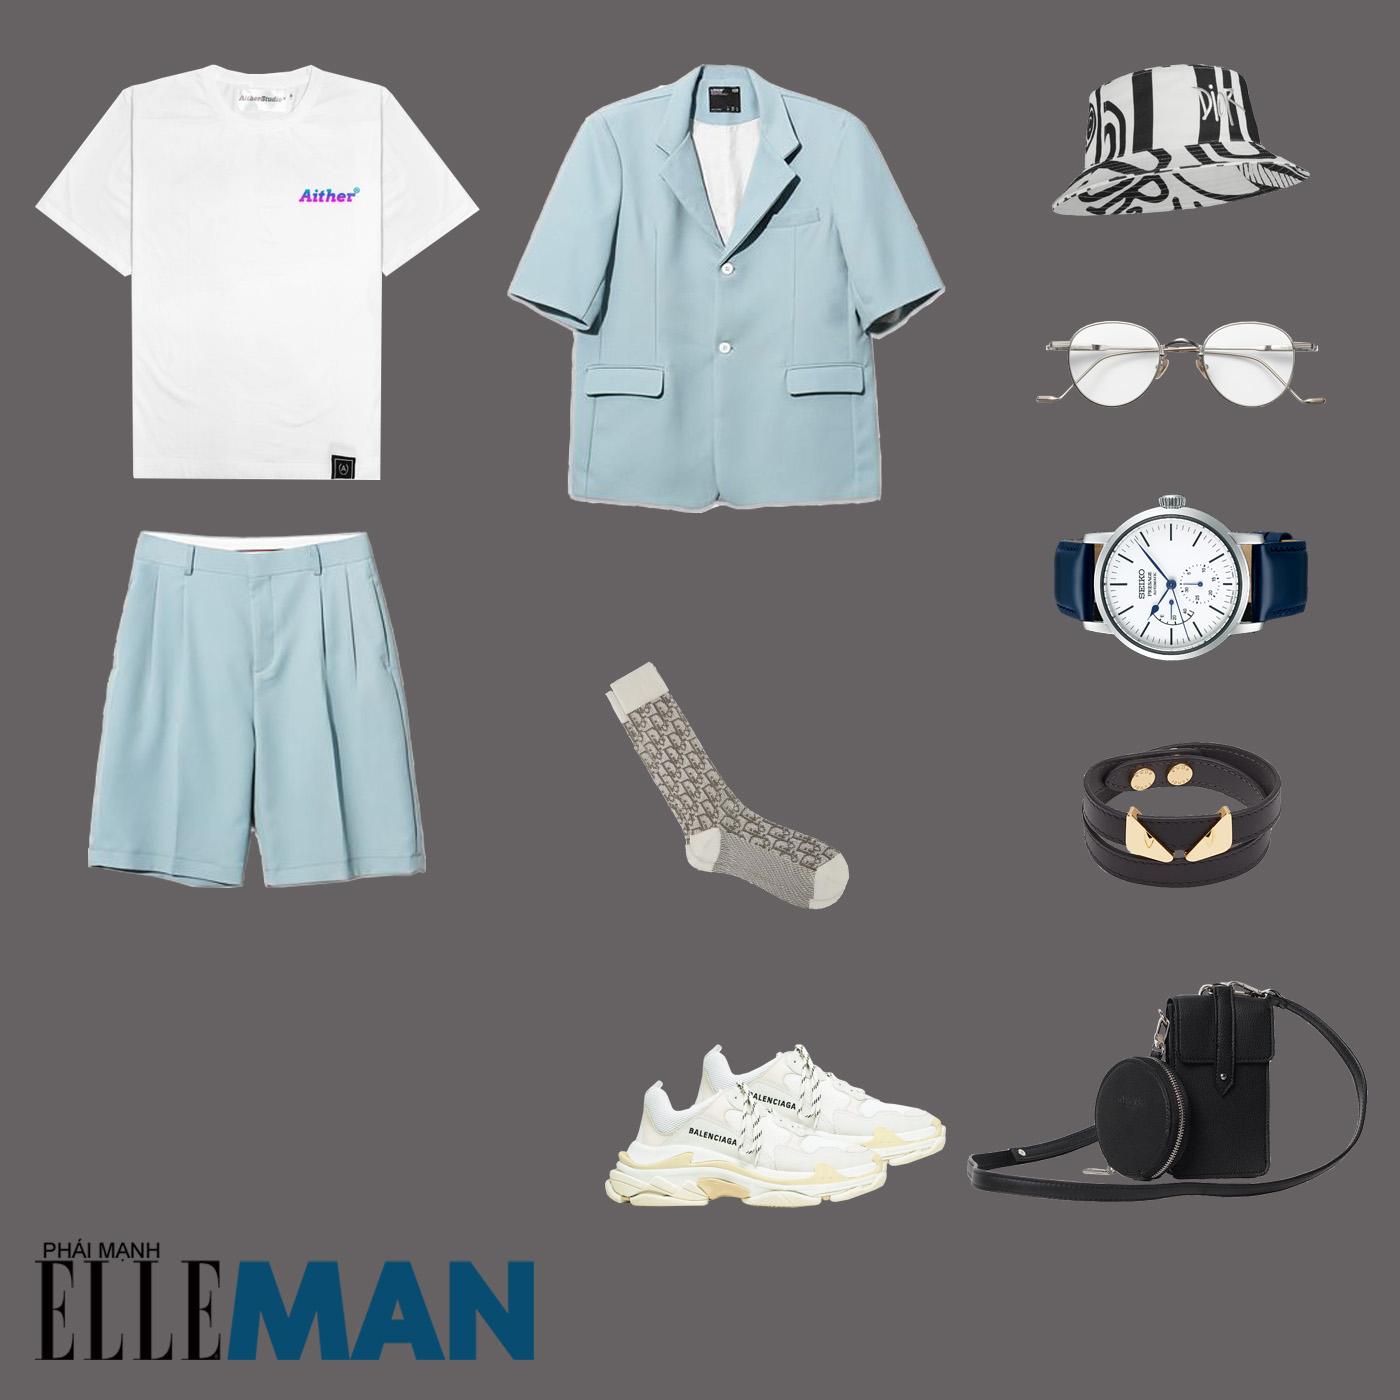 outfit 2 - phối đồ với áo thun local brand